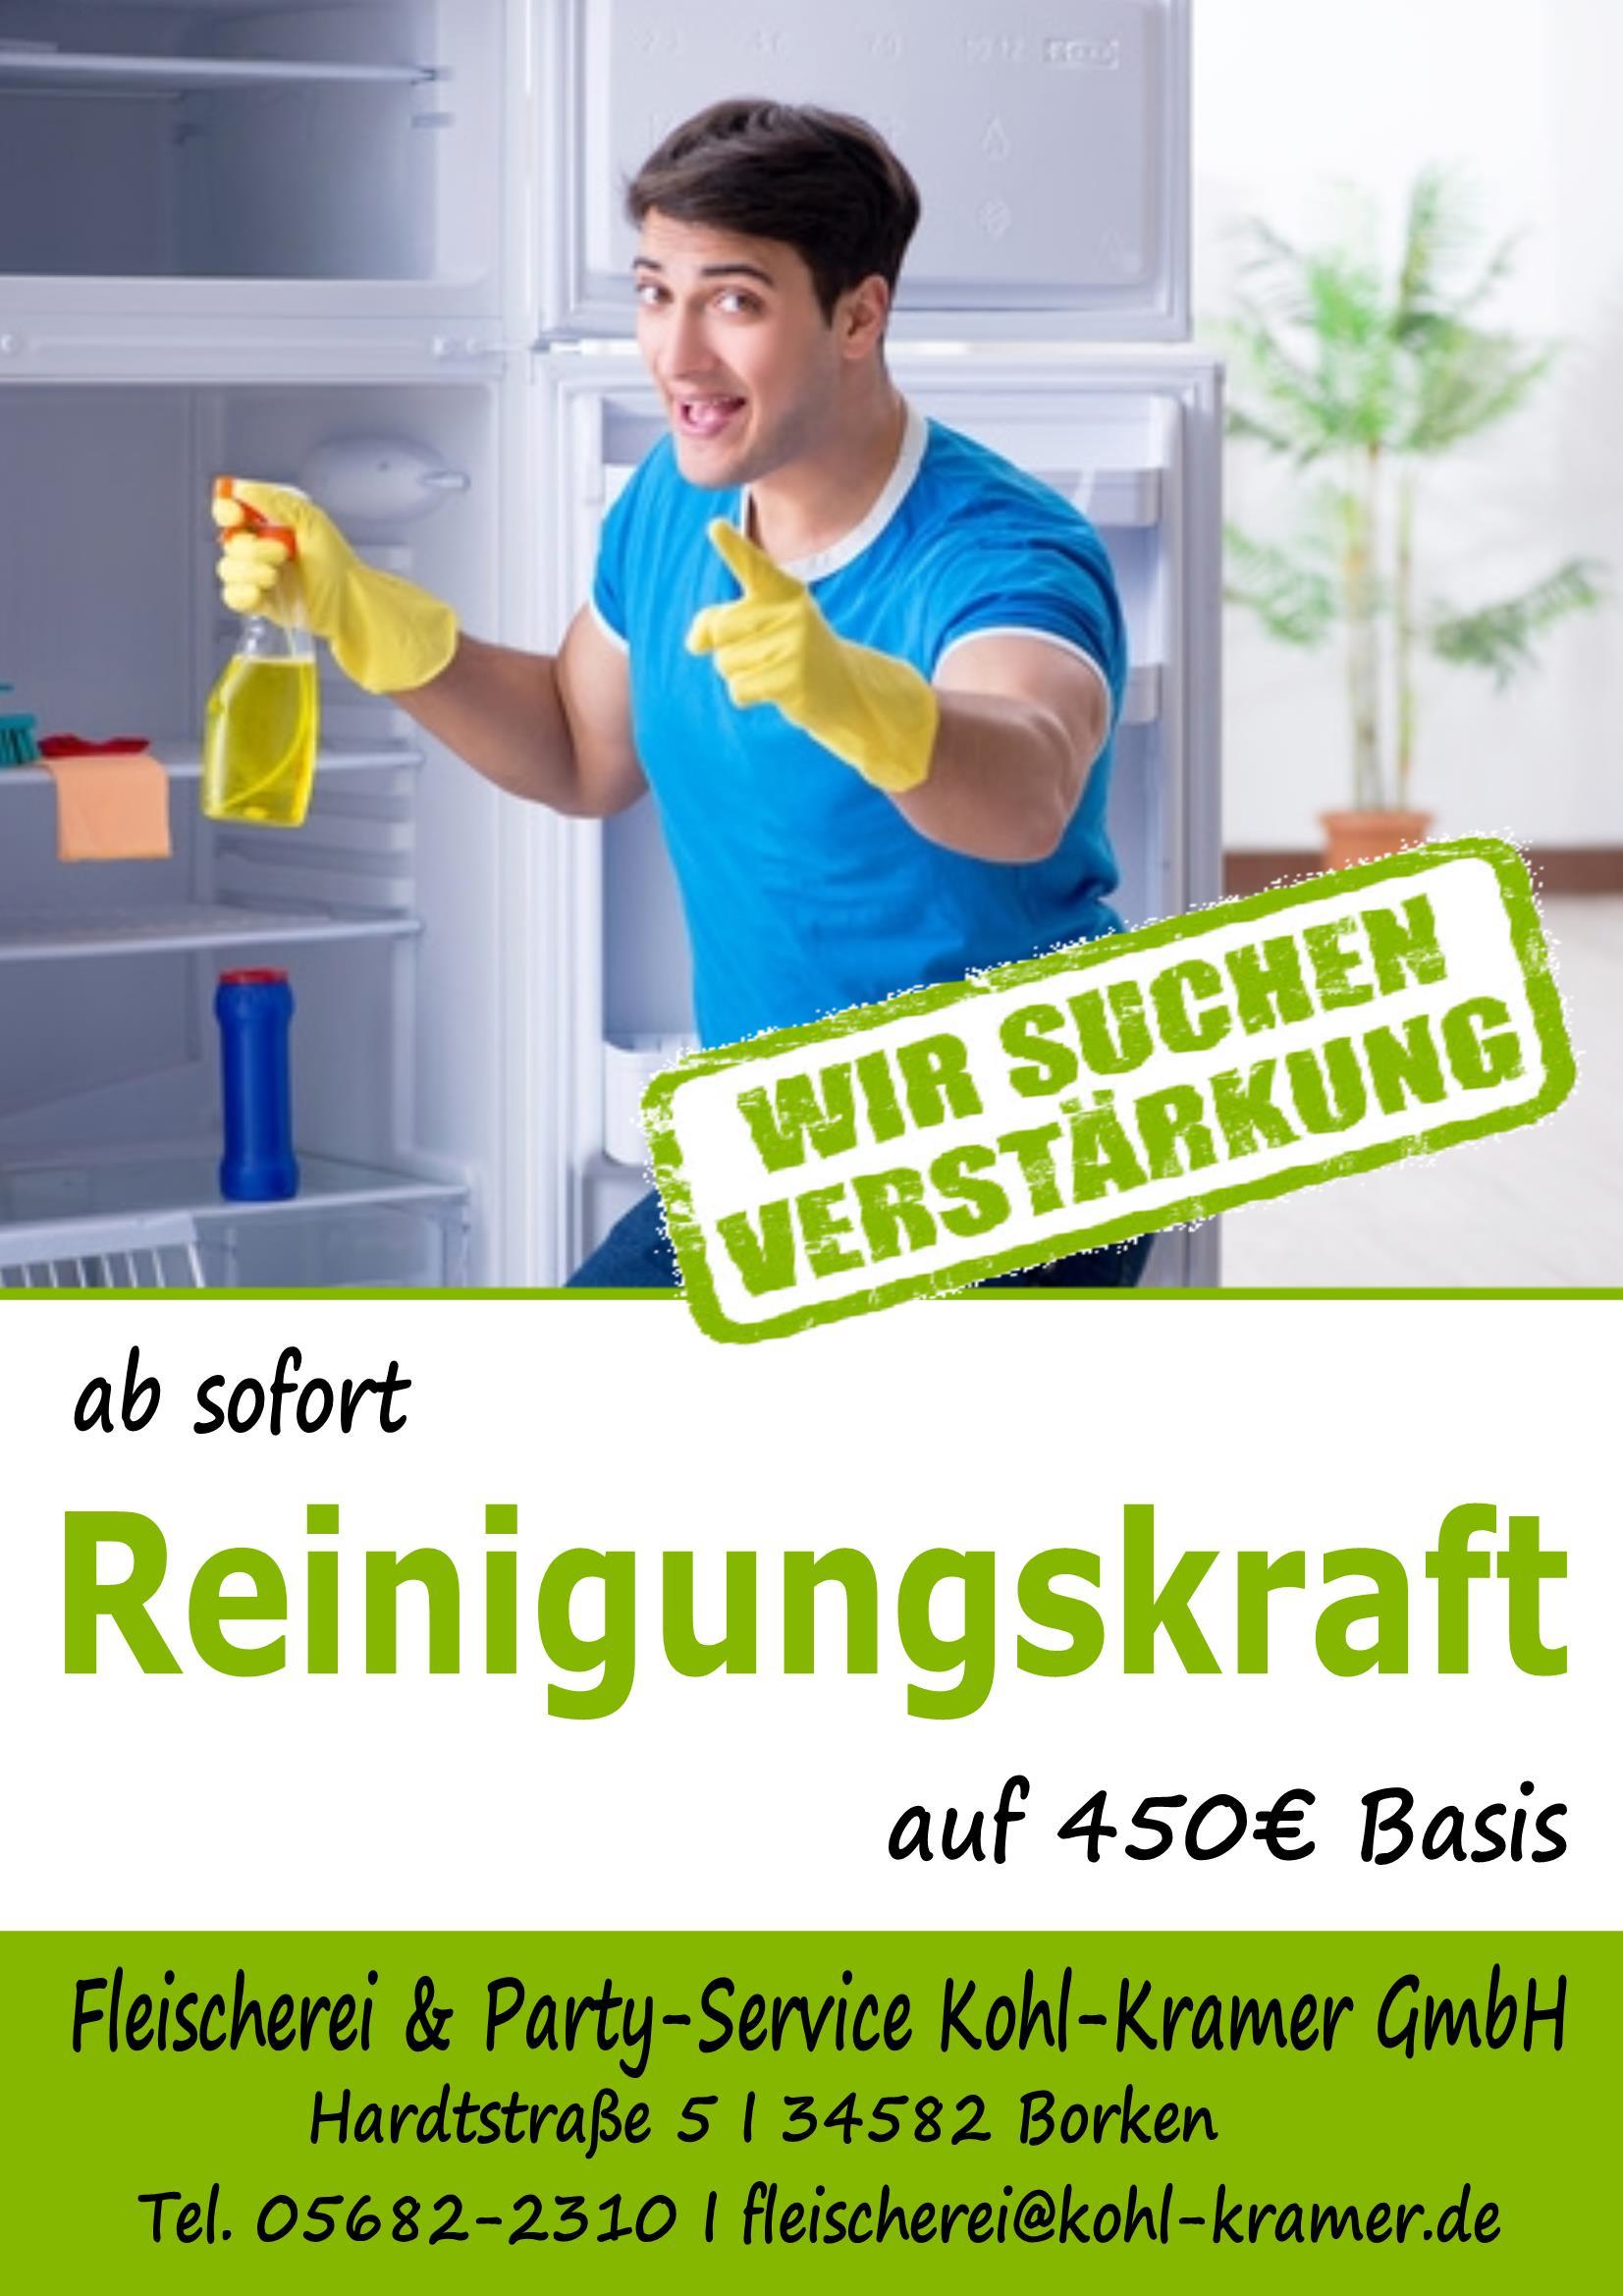 Reinigungskraft-Plakat